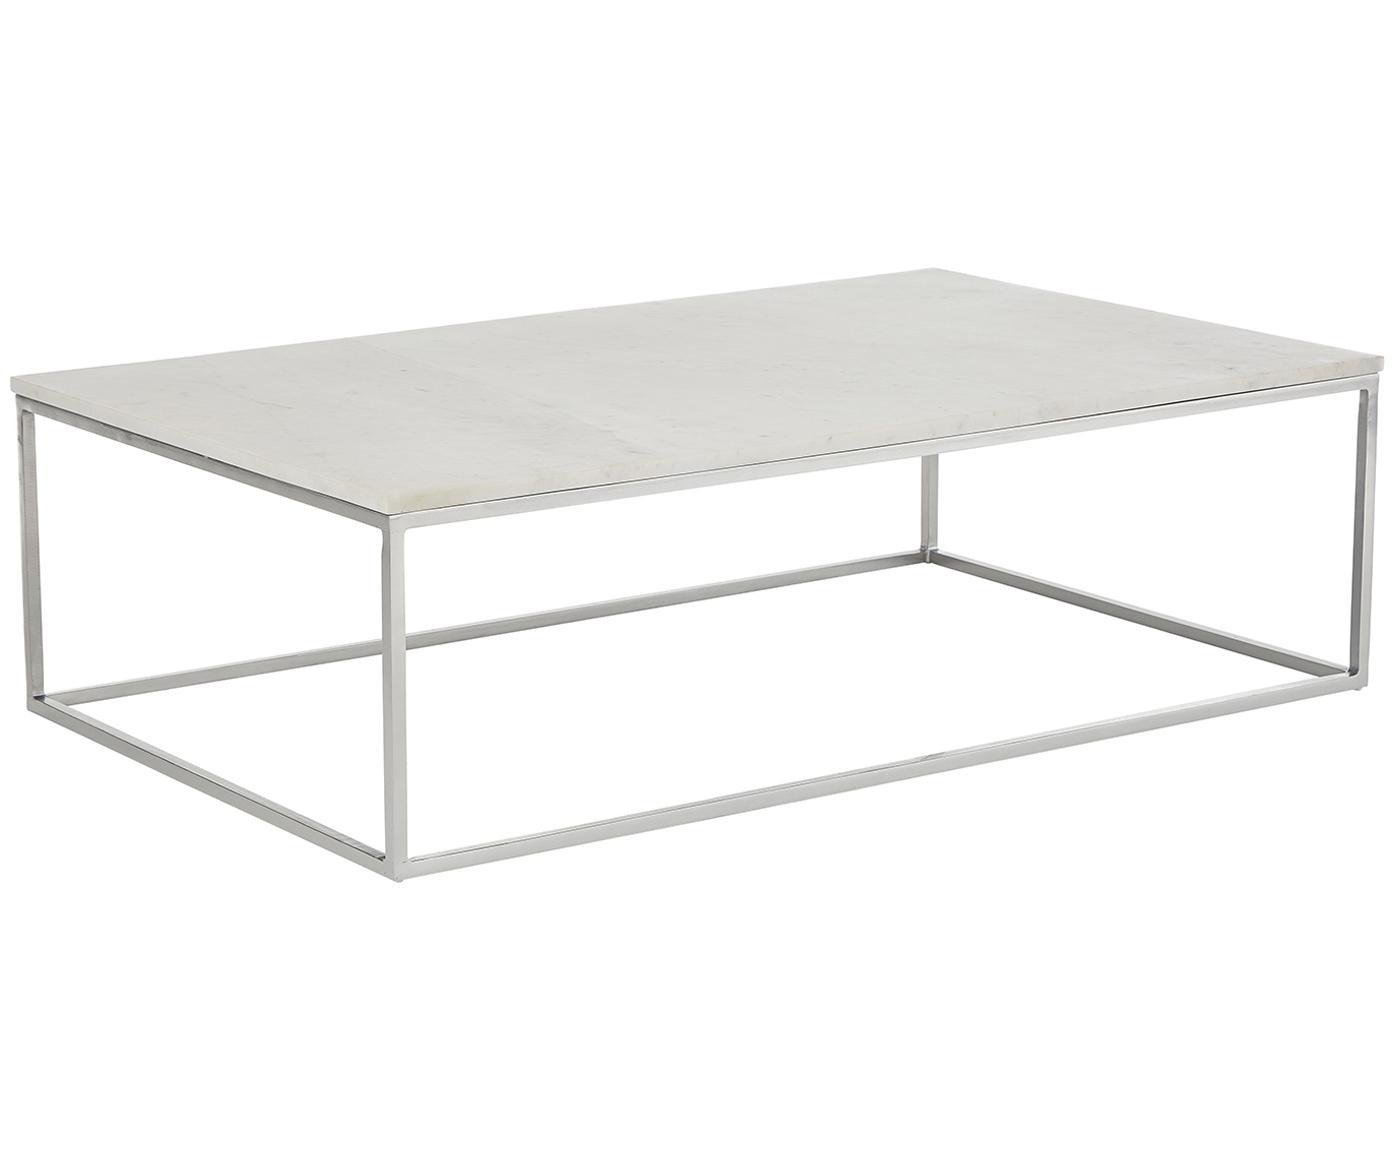 Marmor-Couchtisch Alys, Tischplatte: Marmor Naturstein, Gestell: Metall, pulverbeschichtet, Weißer Marmor, Silberfarben, B 120 x T 75 cm